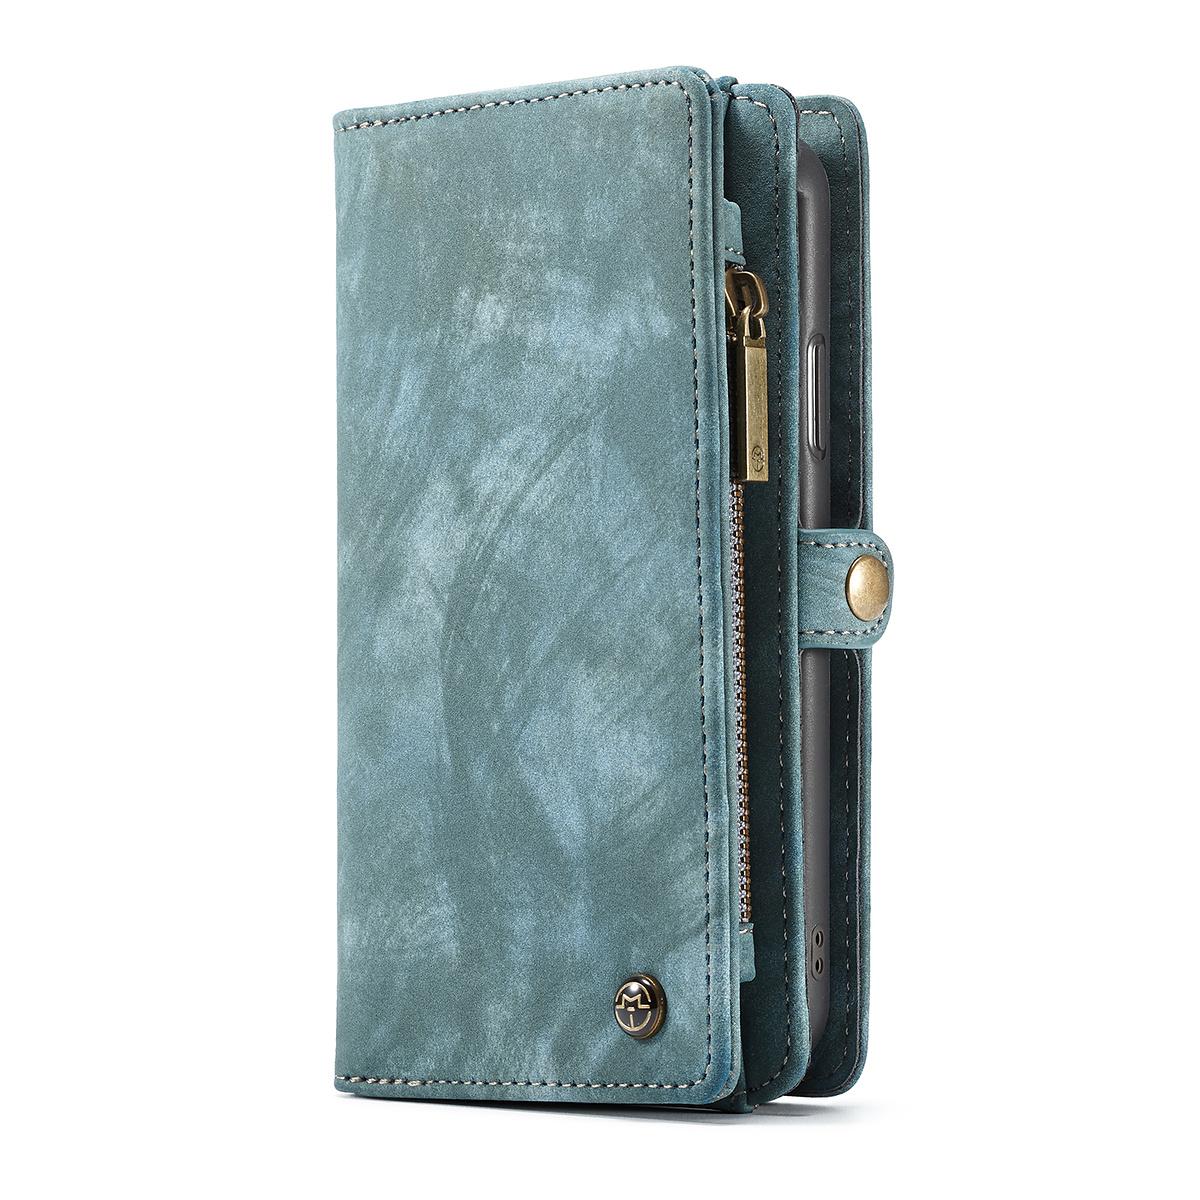 CaseMe plånboksfodral med magnetskal, iPhone XR, blå